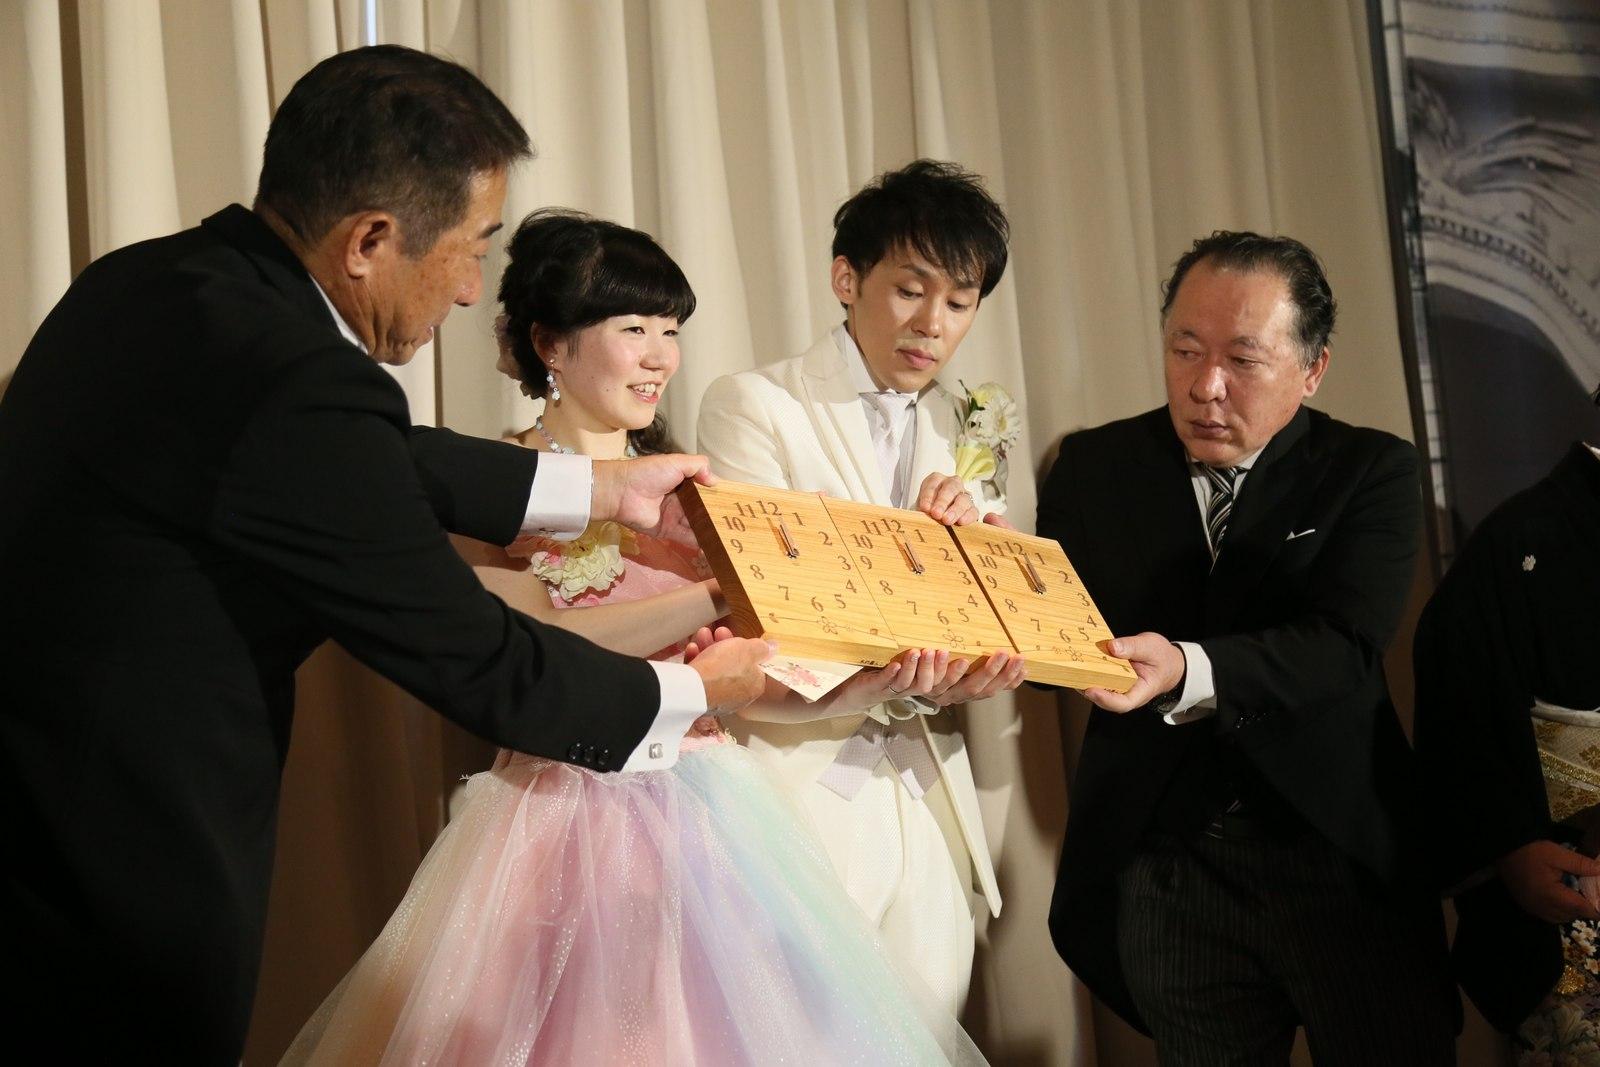 徳島市の結婚式場ブランアンジュで披露宴での新郎新婦様からご両親様へ三連時計のプレゼント